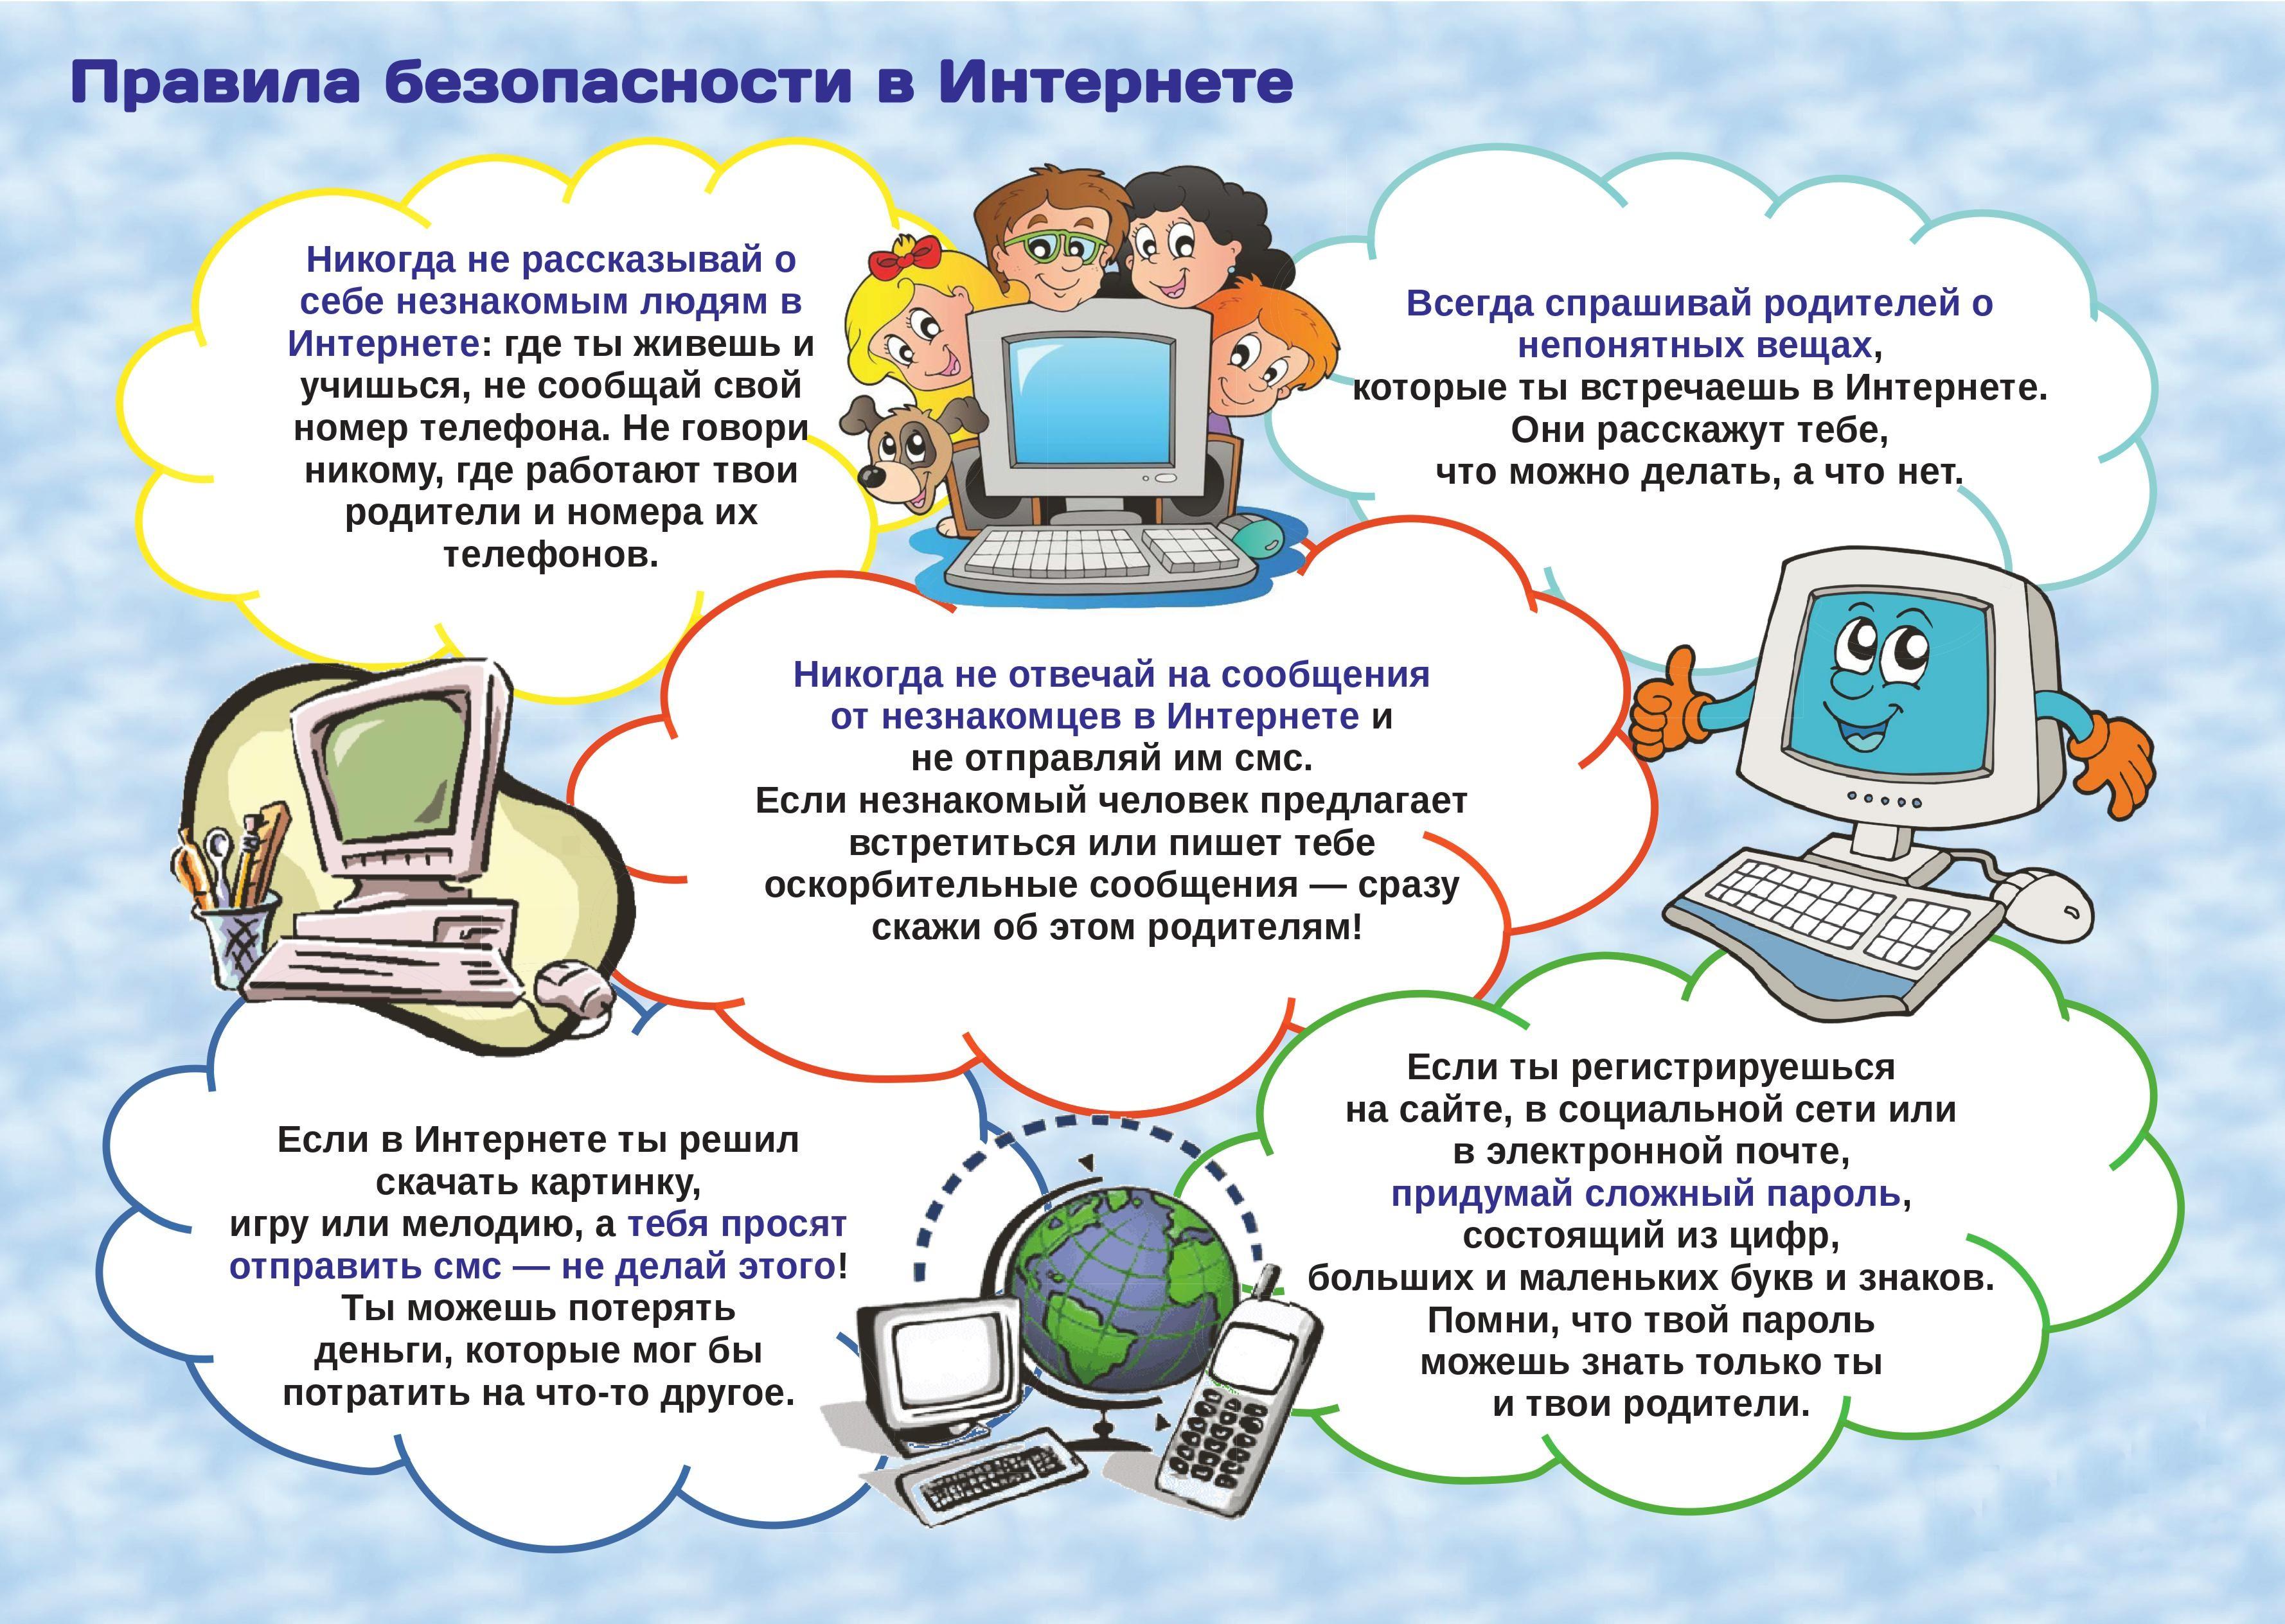 обеспечение информационной безопасности при создании своей сети интернет сообщение